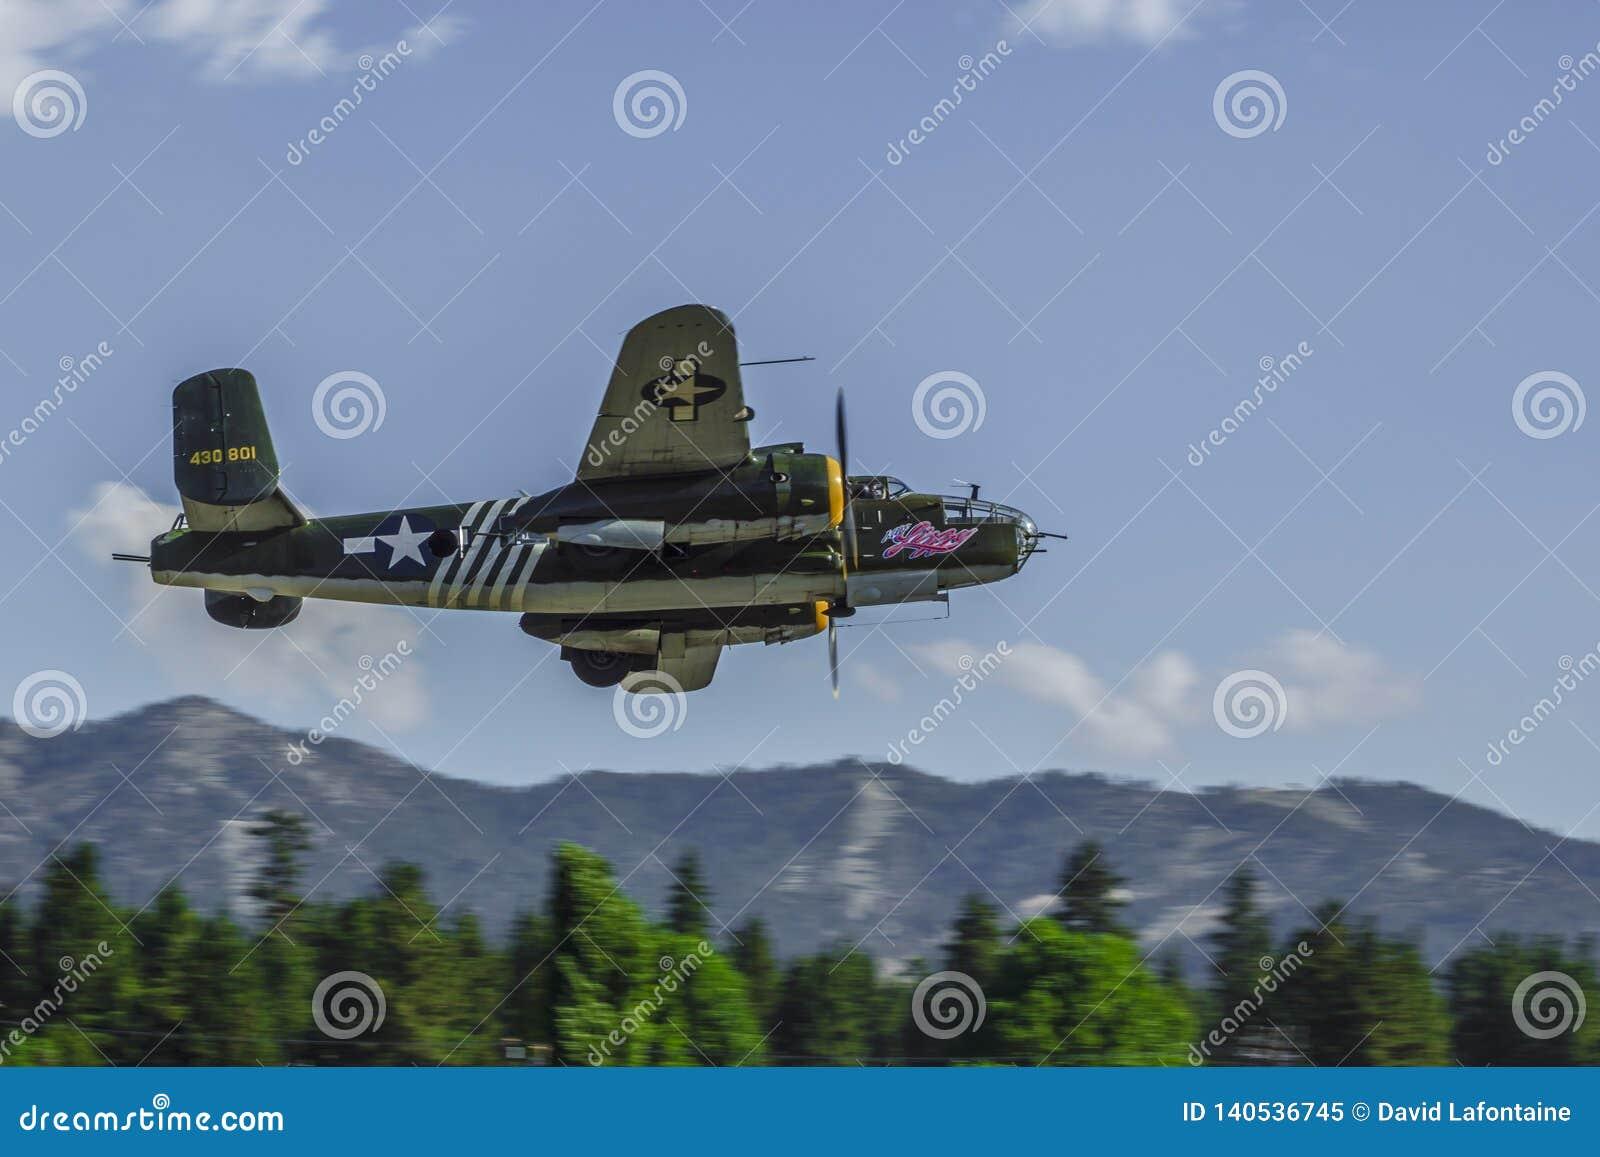 B25 Warbird making low pass over Big Bear City, California